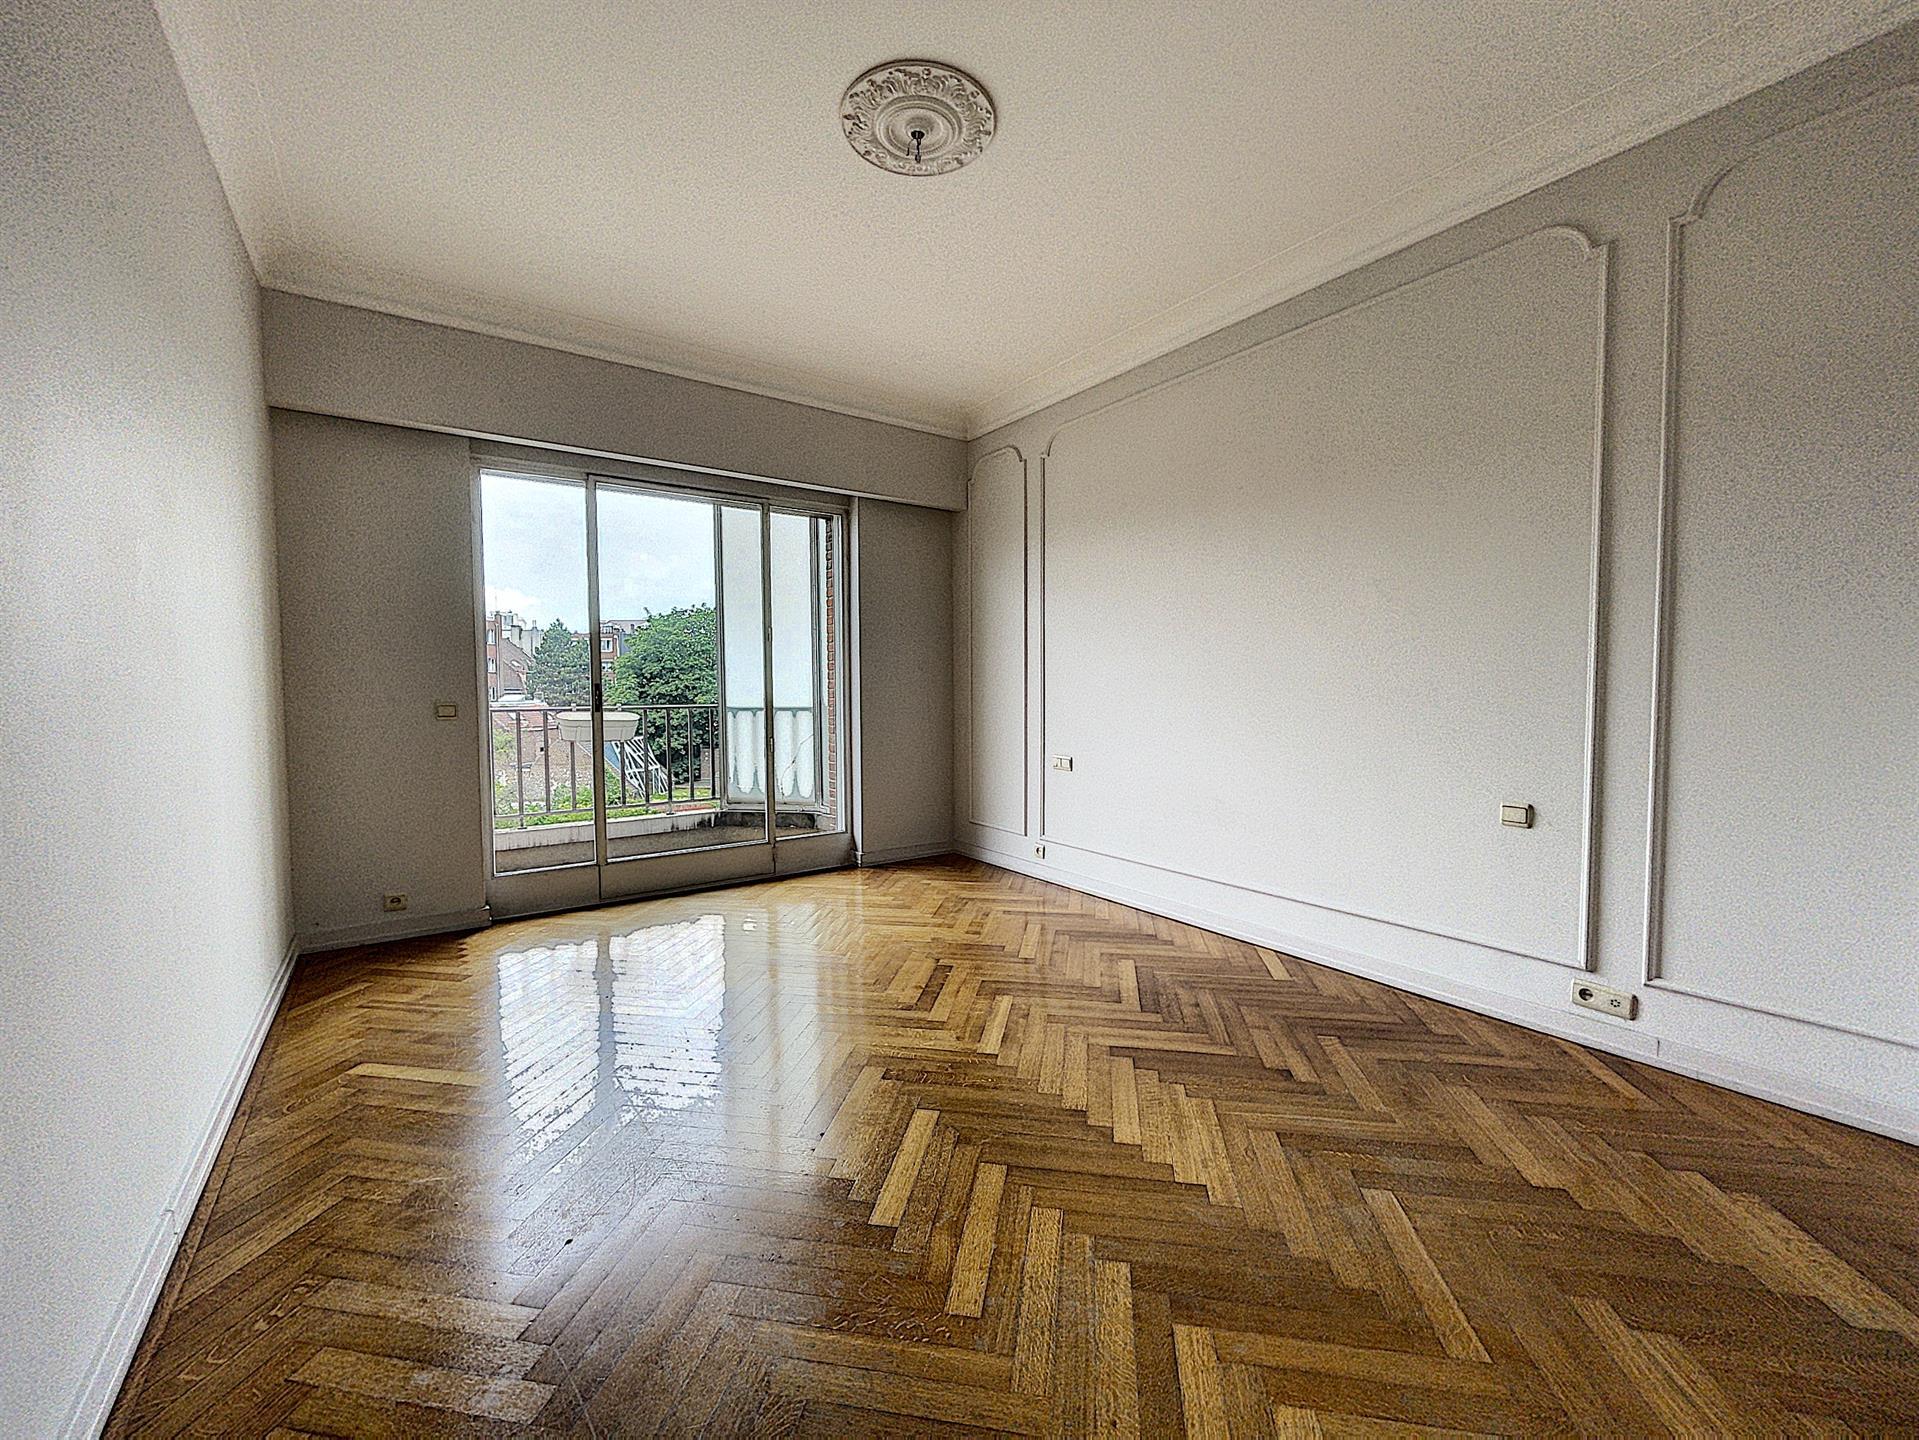 Appartement exceptionnel - Bruxelles/Ixelles - #4380182-6